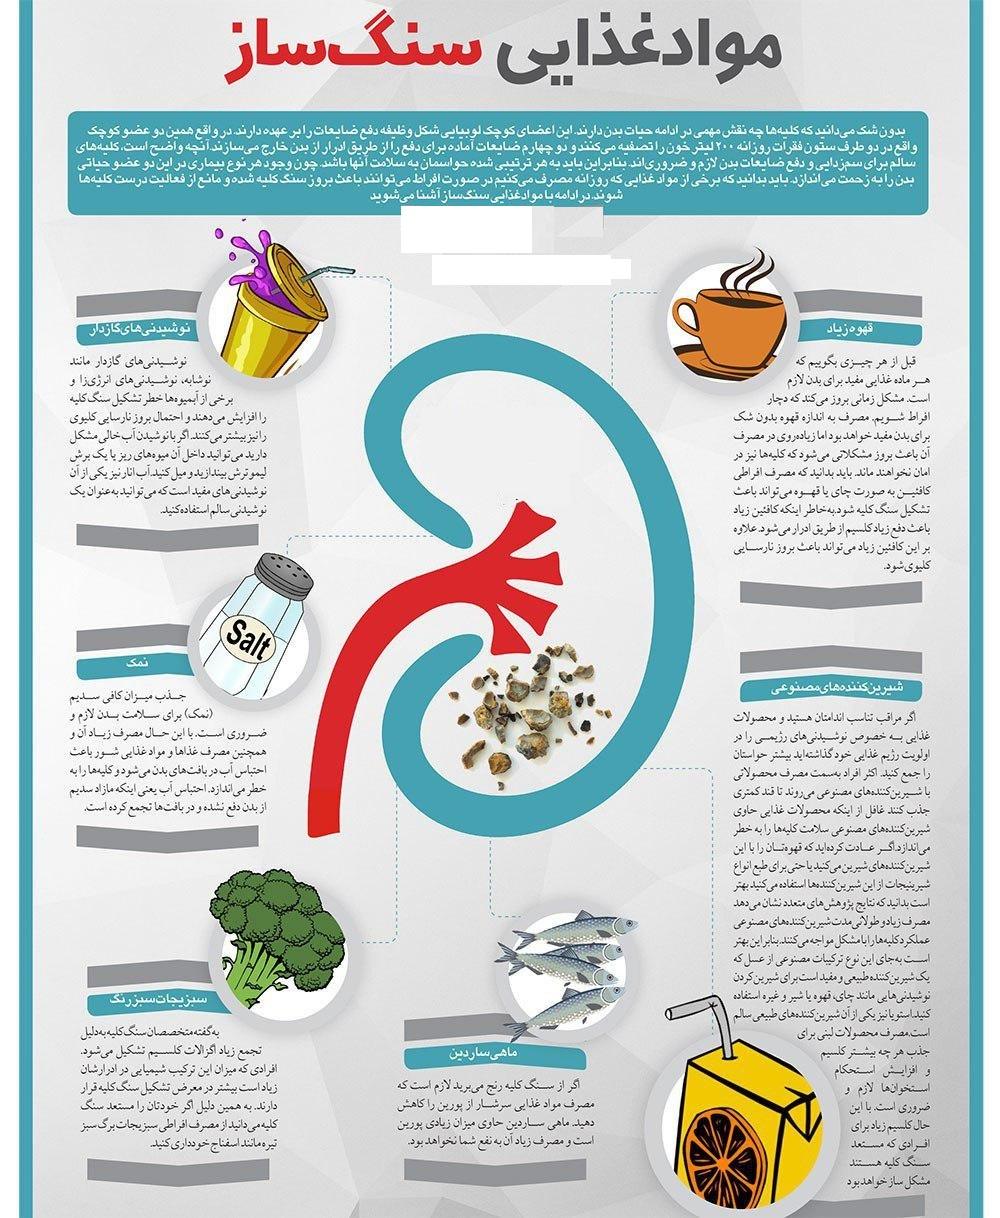 6 ماده غذایی که باعث سنگ کلیه میشوند+ اینفوگرافی